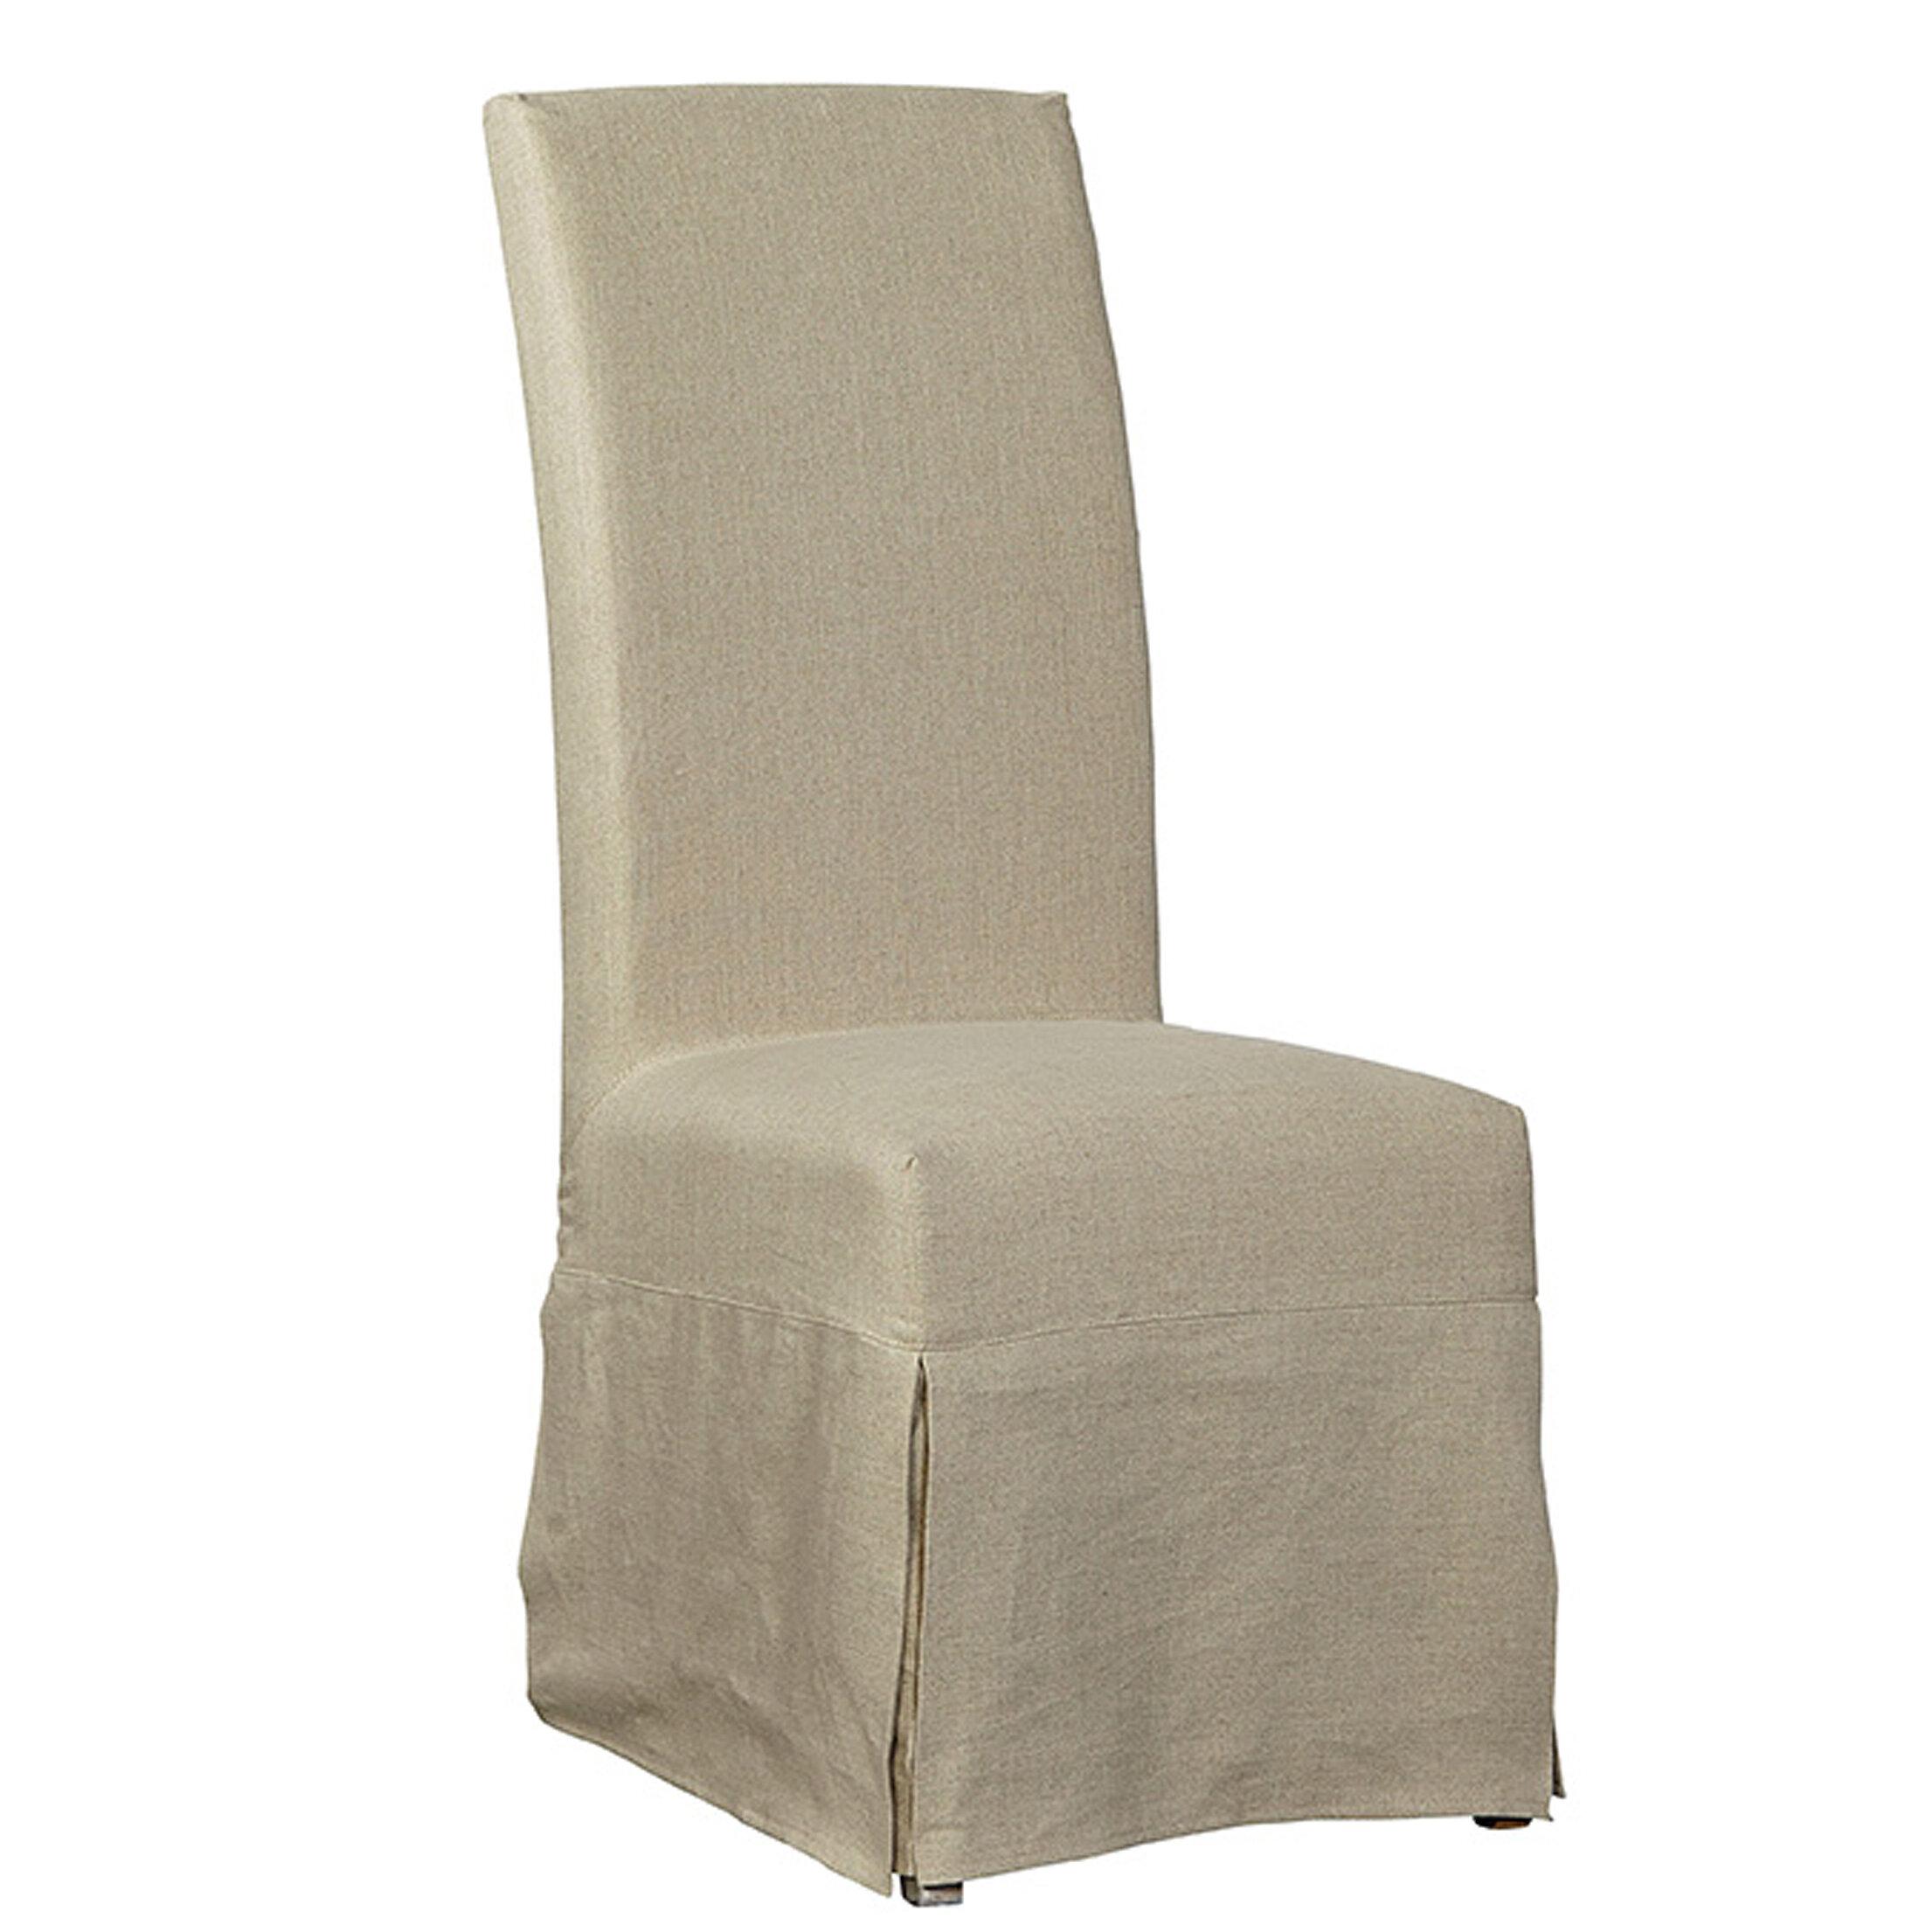 Lovely Furniture Classics Linen Floor Length Slip Covered Upholstered Dining Chair  | Wayfair